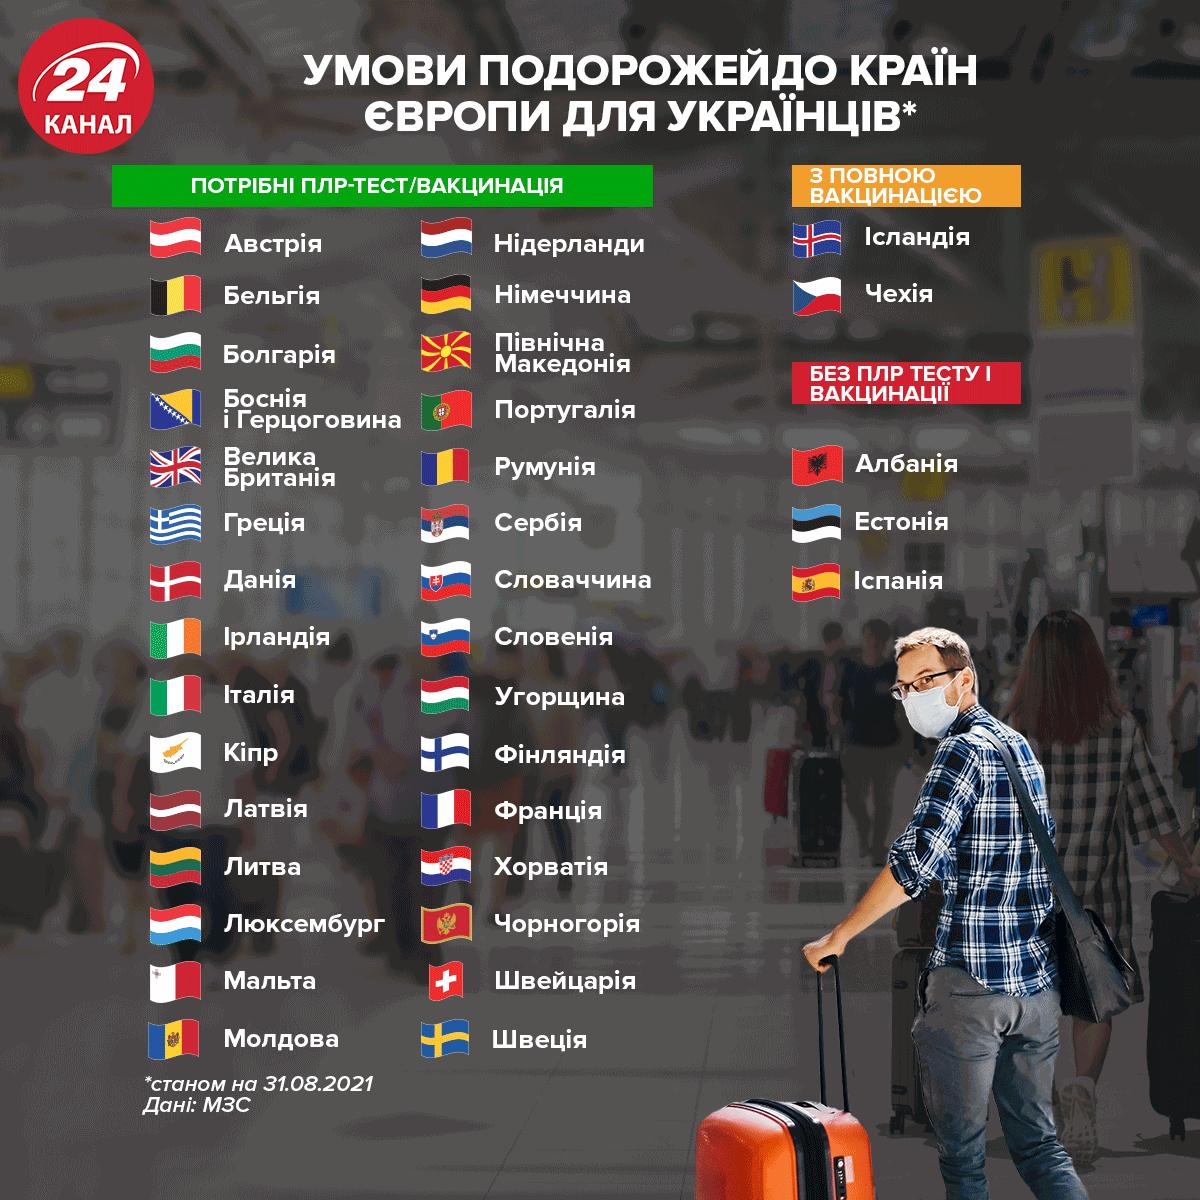 Які країни Європи відкриті для українців / Інфографіка 24 каналу